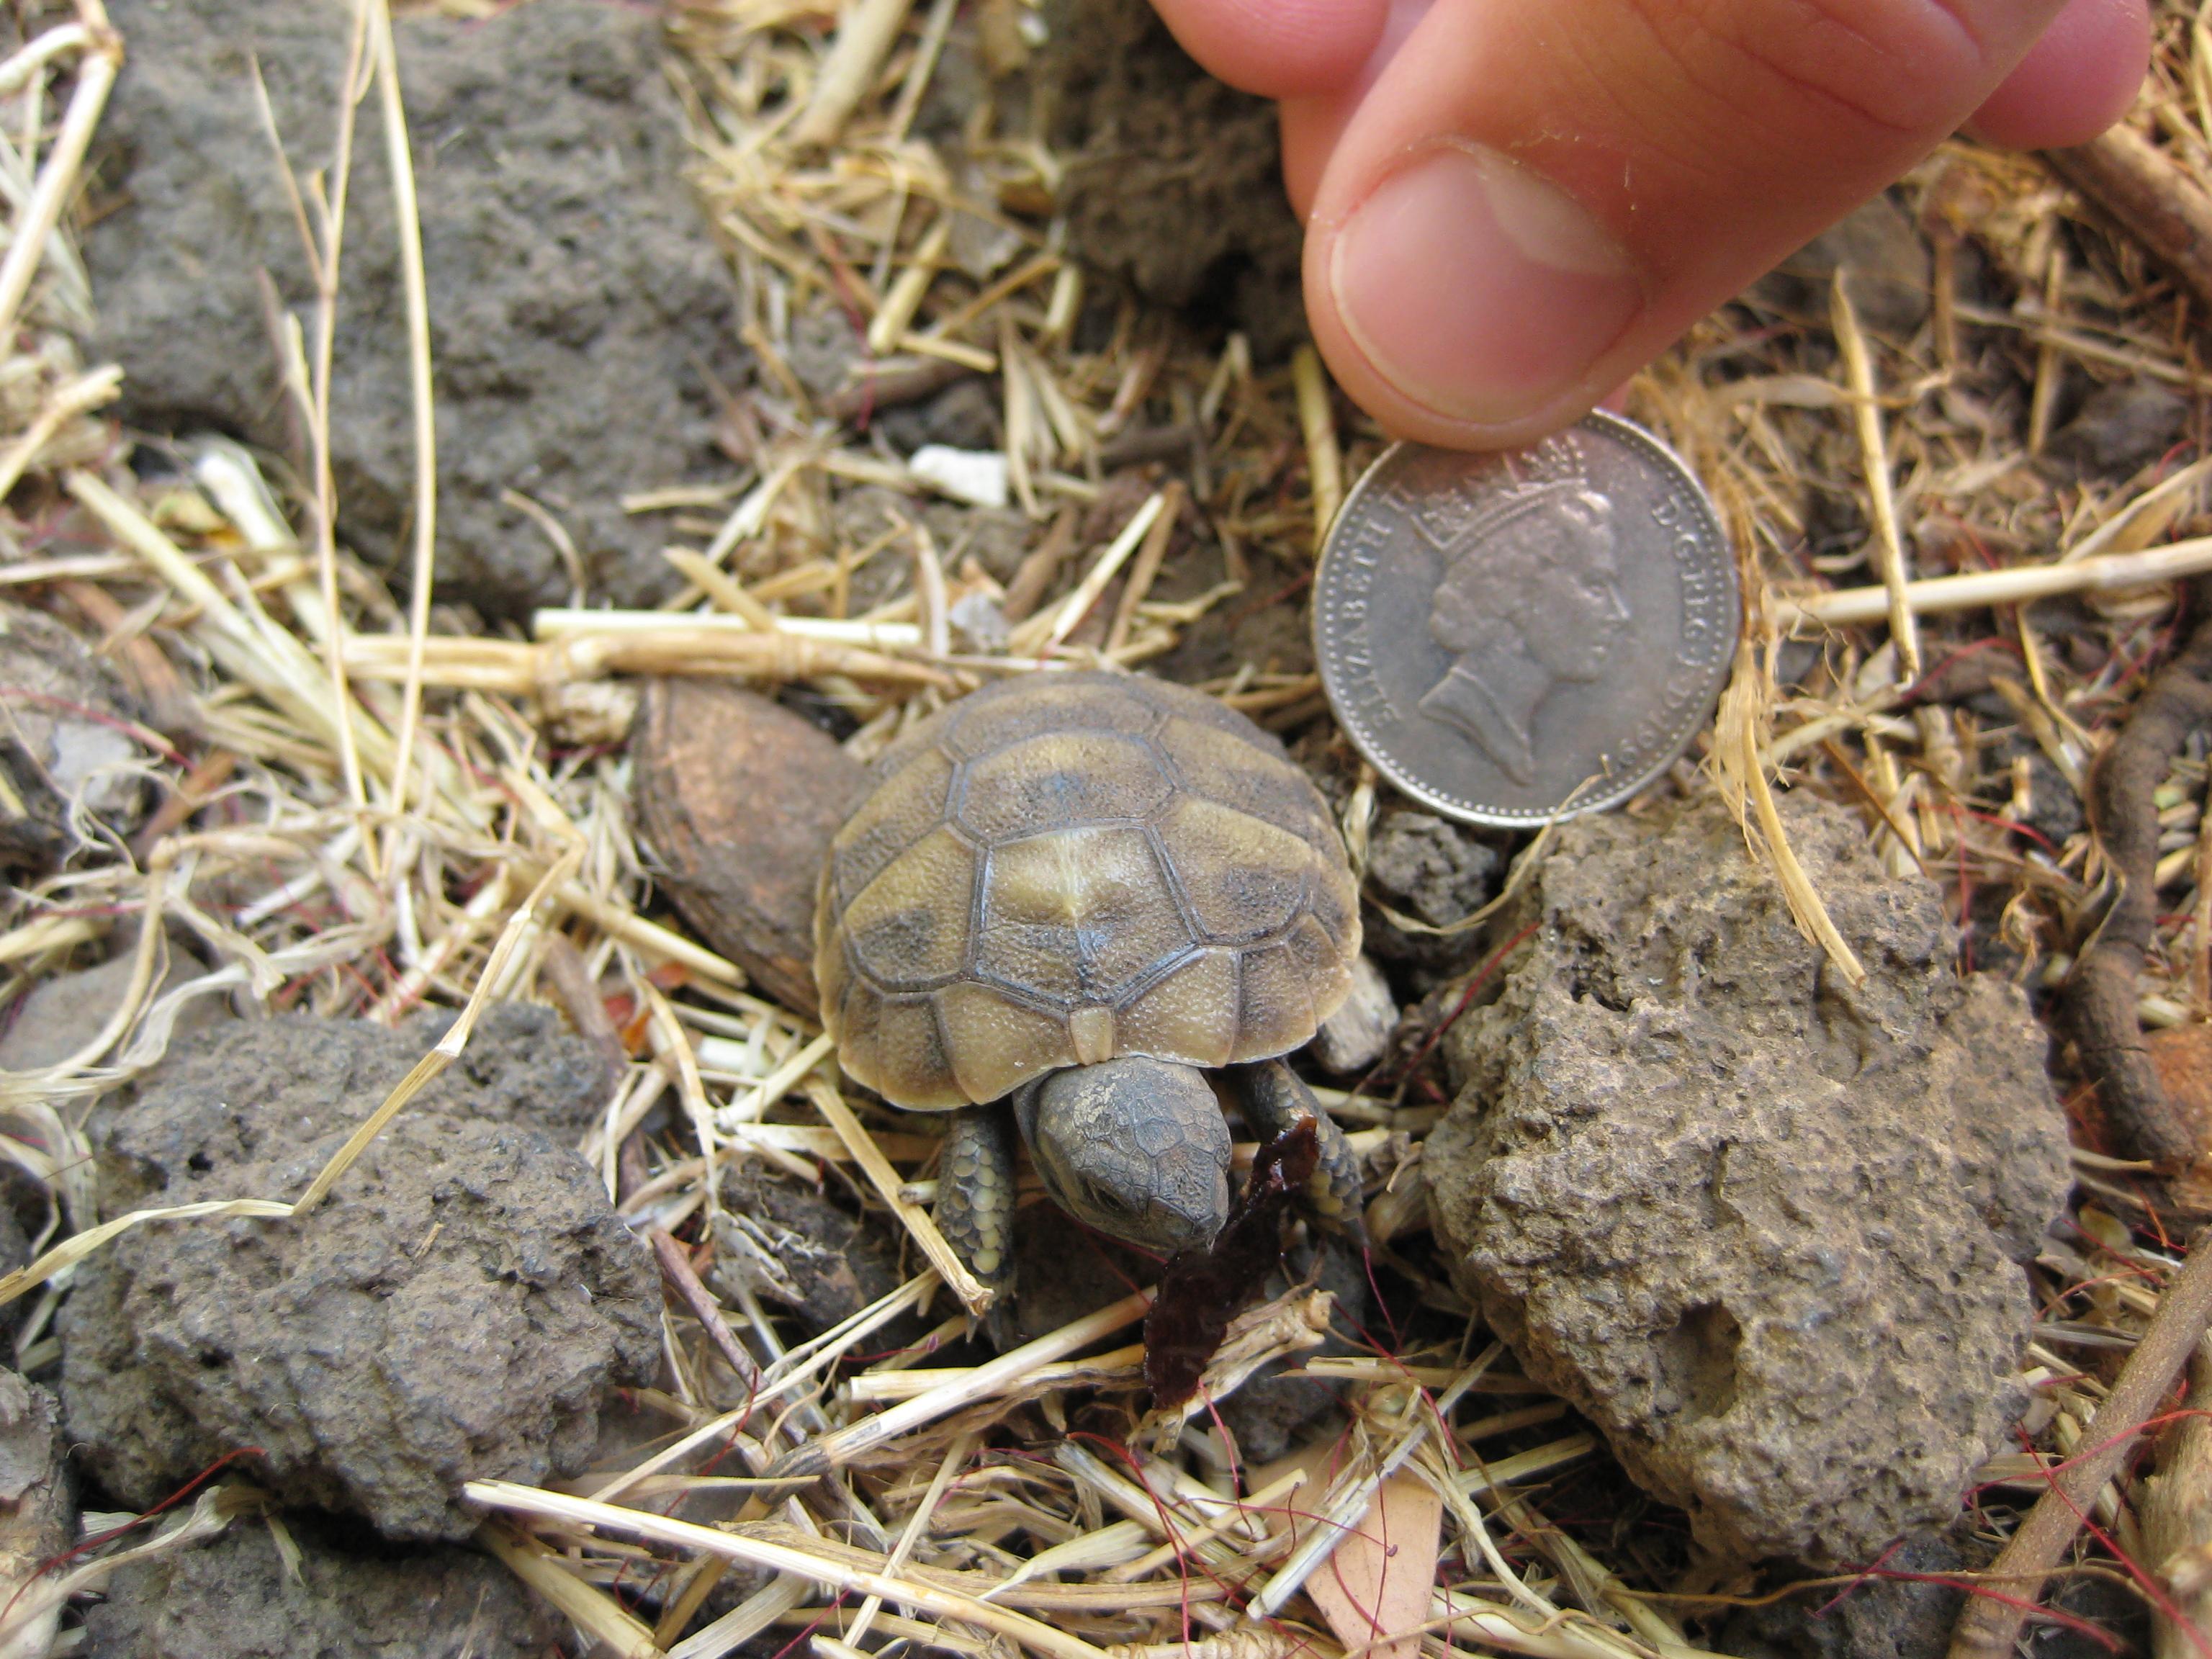 Description baby tortoise